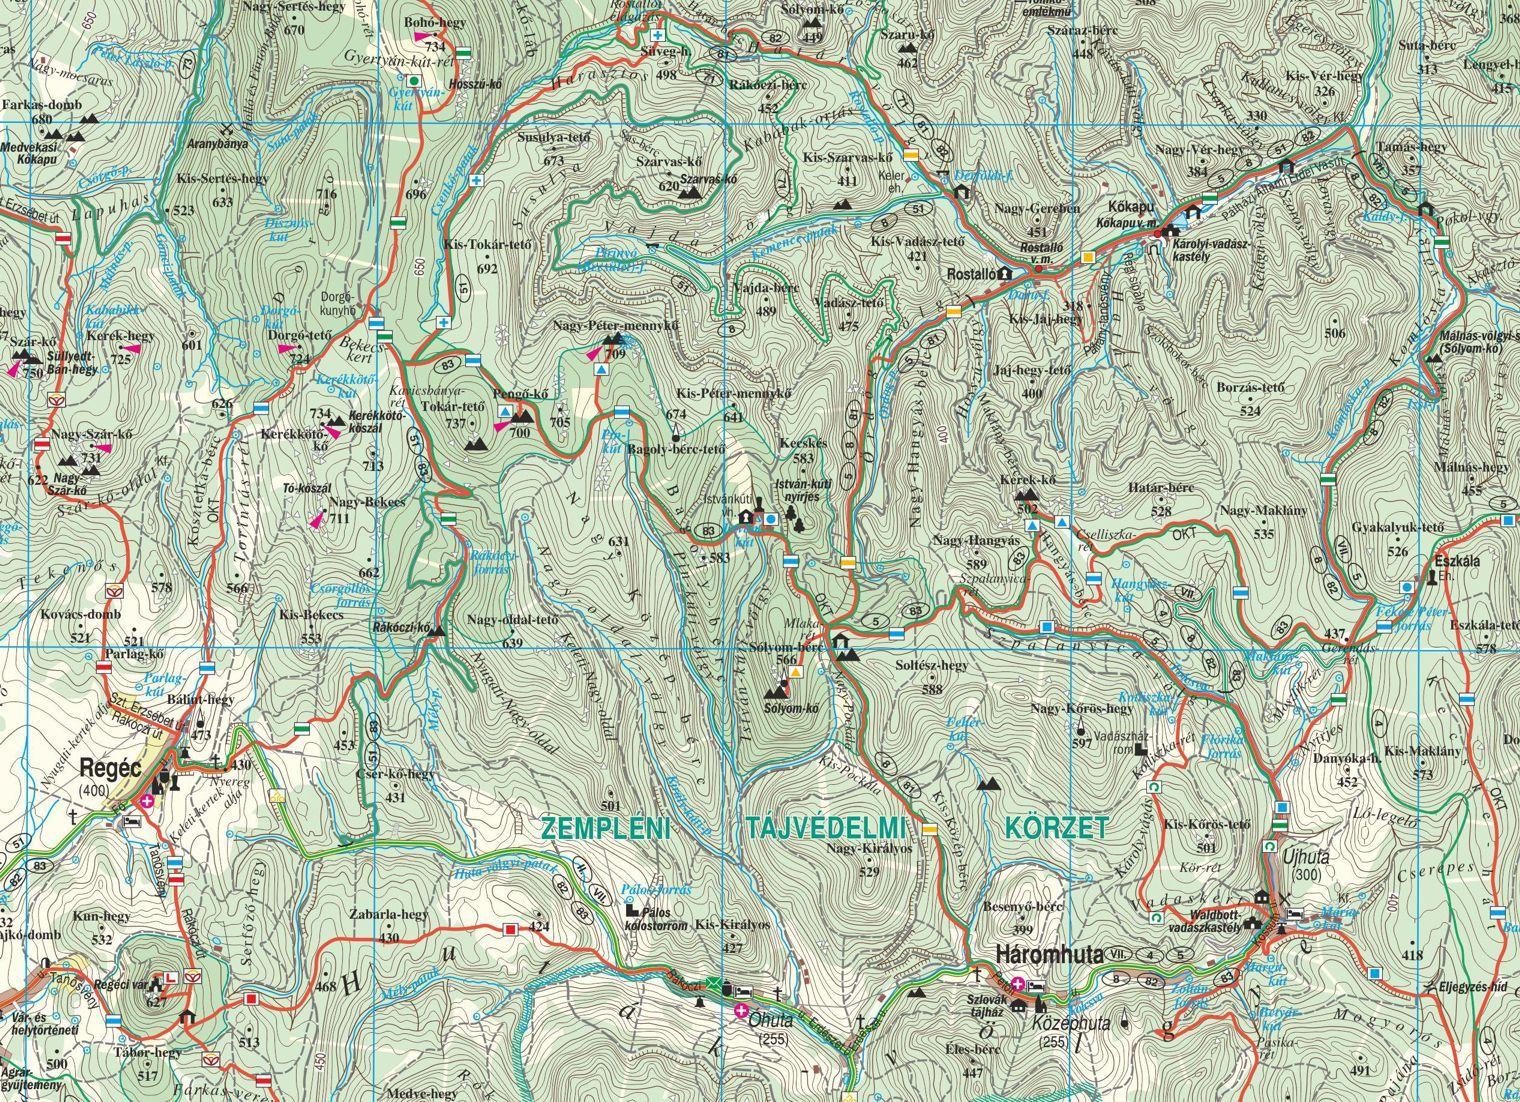 Zempléni-hegység minta 1:50.000